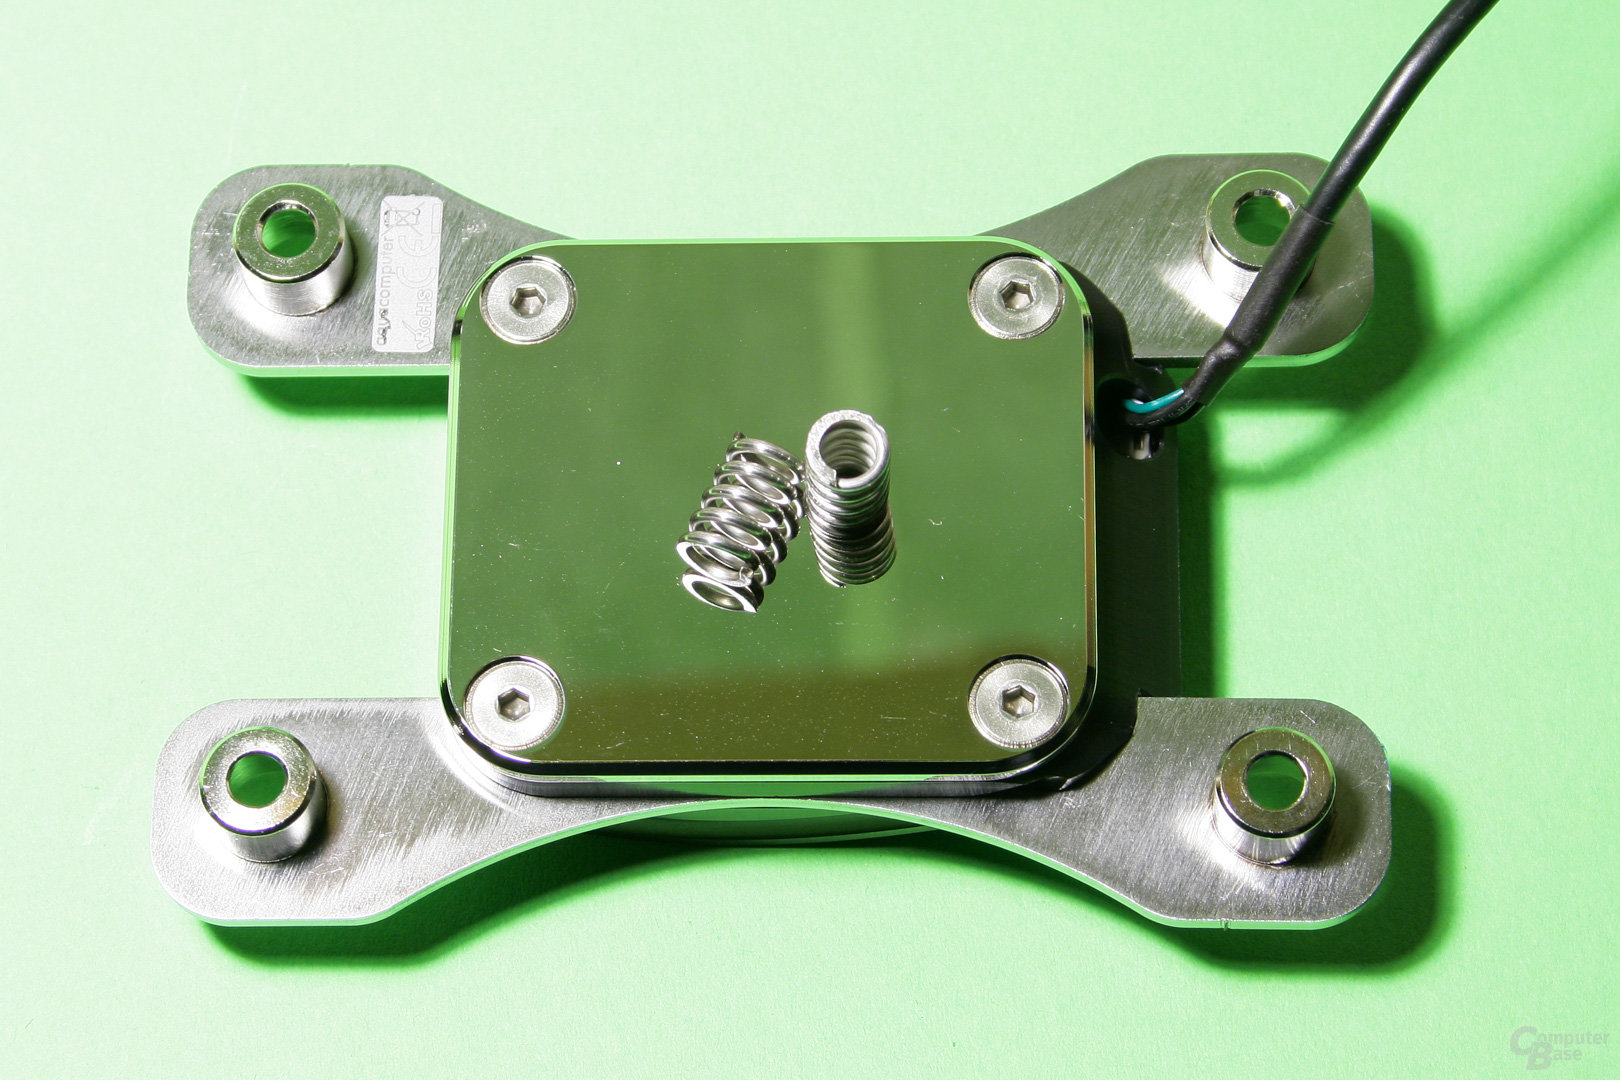 Große und spiegelglatte Auflagefläche für die CPU